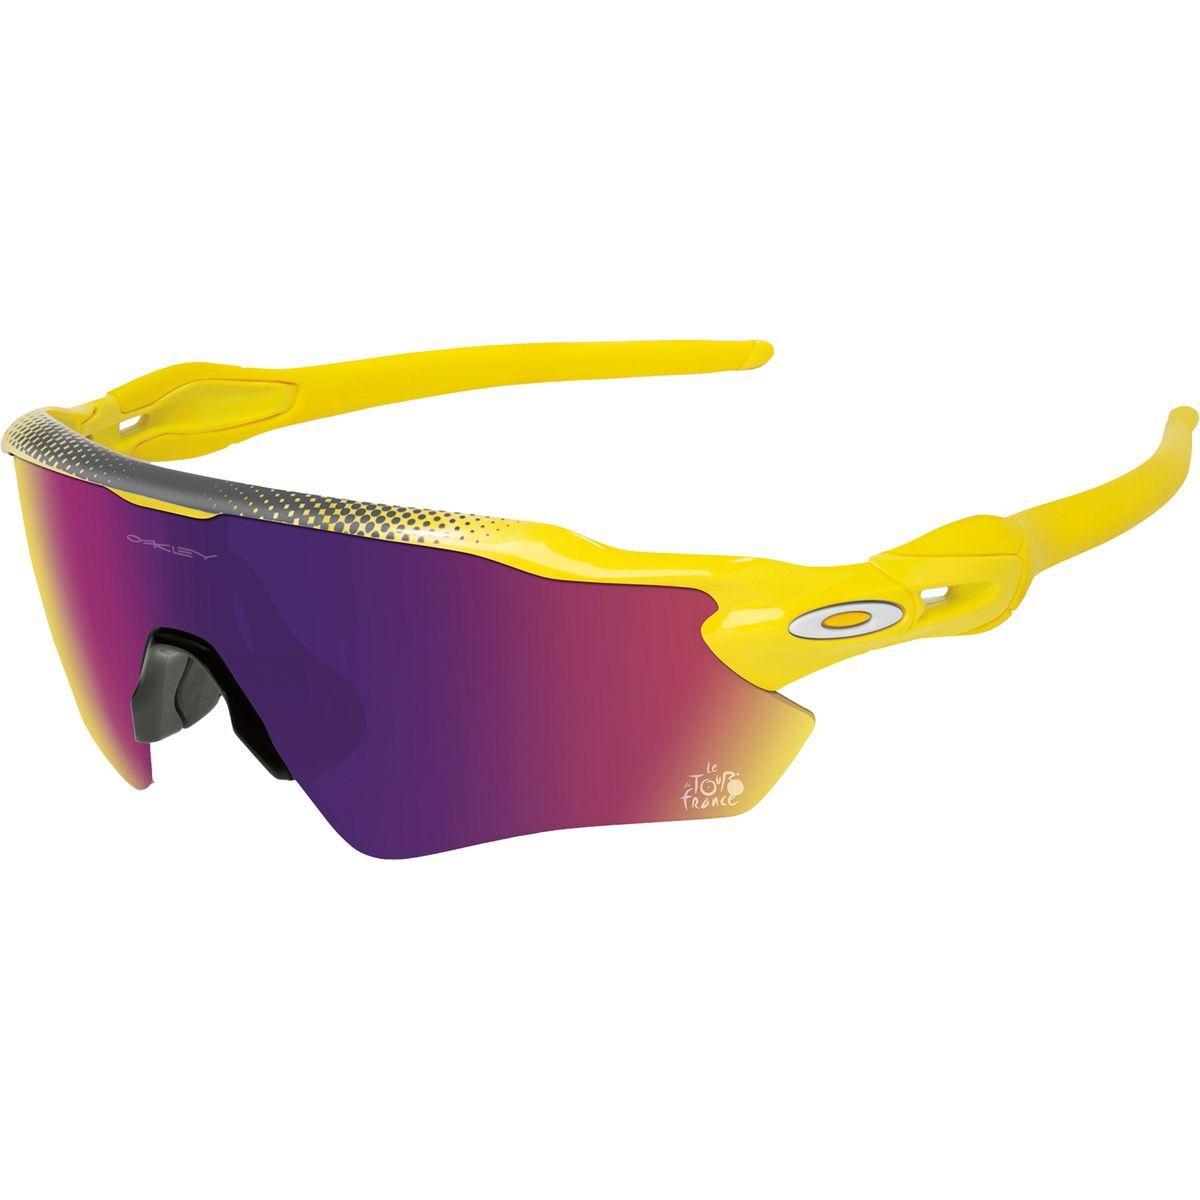 6fd6c58fa0b Oakley TDF Radar EV Path Sunglasses Yellow W Prizm Road One Size ...